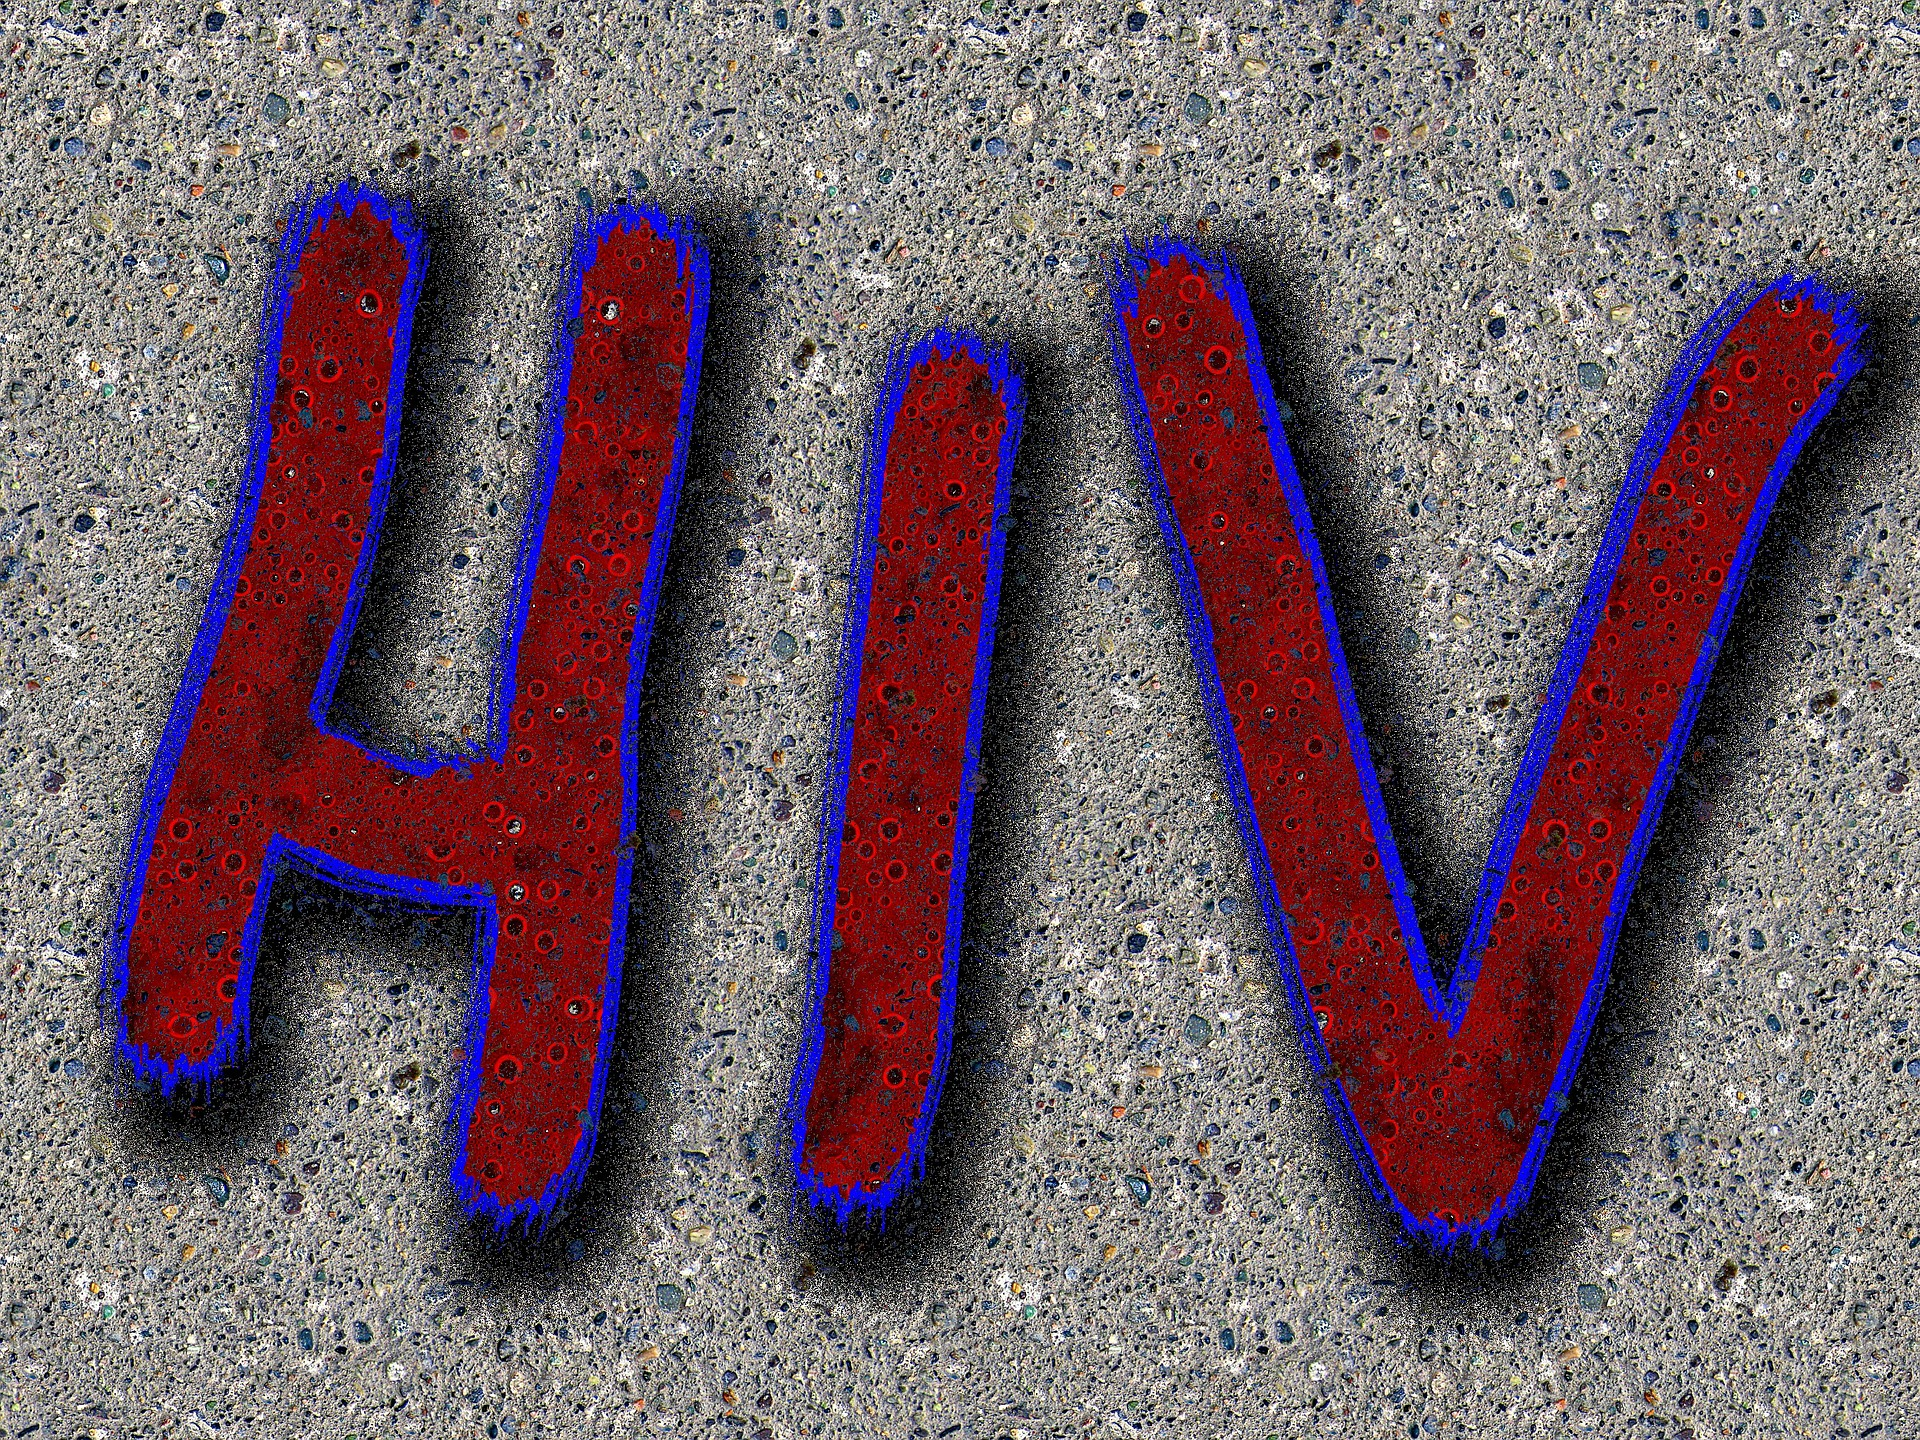 ACTIVIDAD INFECCIÓN POR VIRUS DE LA INMUNODEFICIENCIA HUMANA